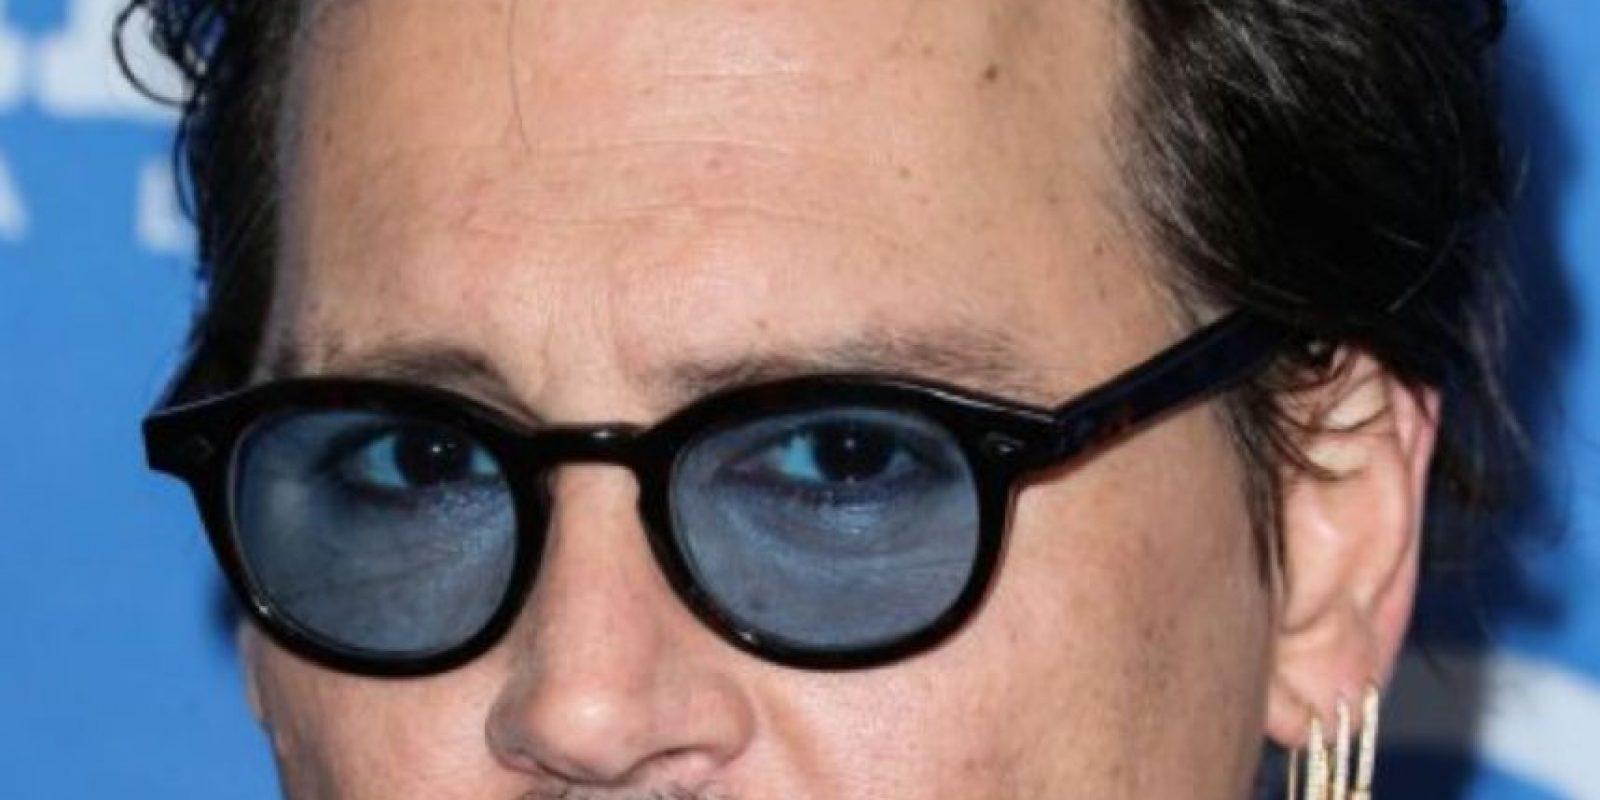 Johnny Depp descuidó tanto su aspecto en todo sentido, que luce así. Foto:vía Getty Images